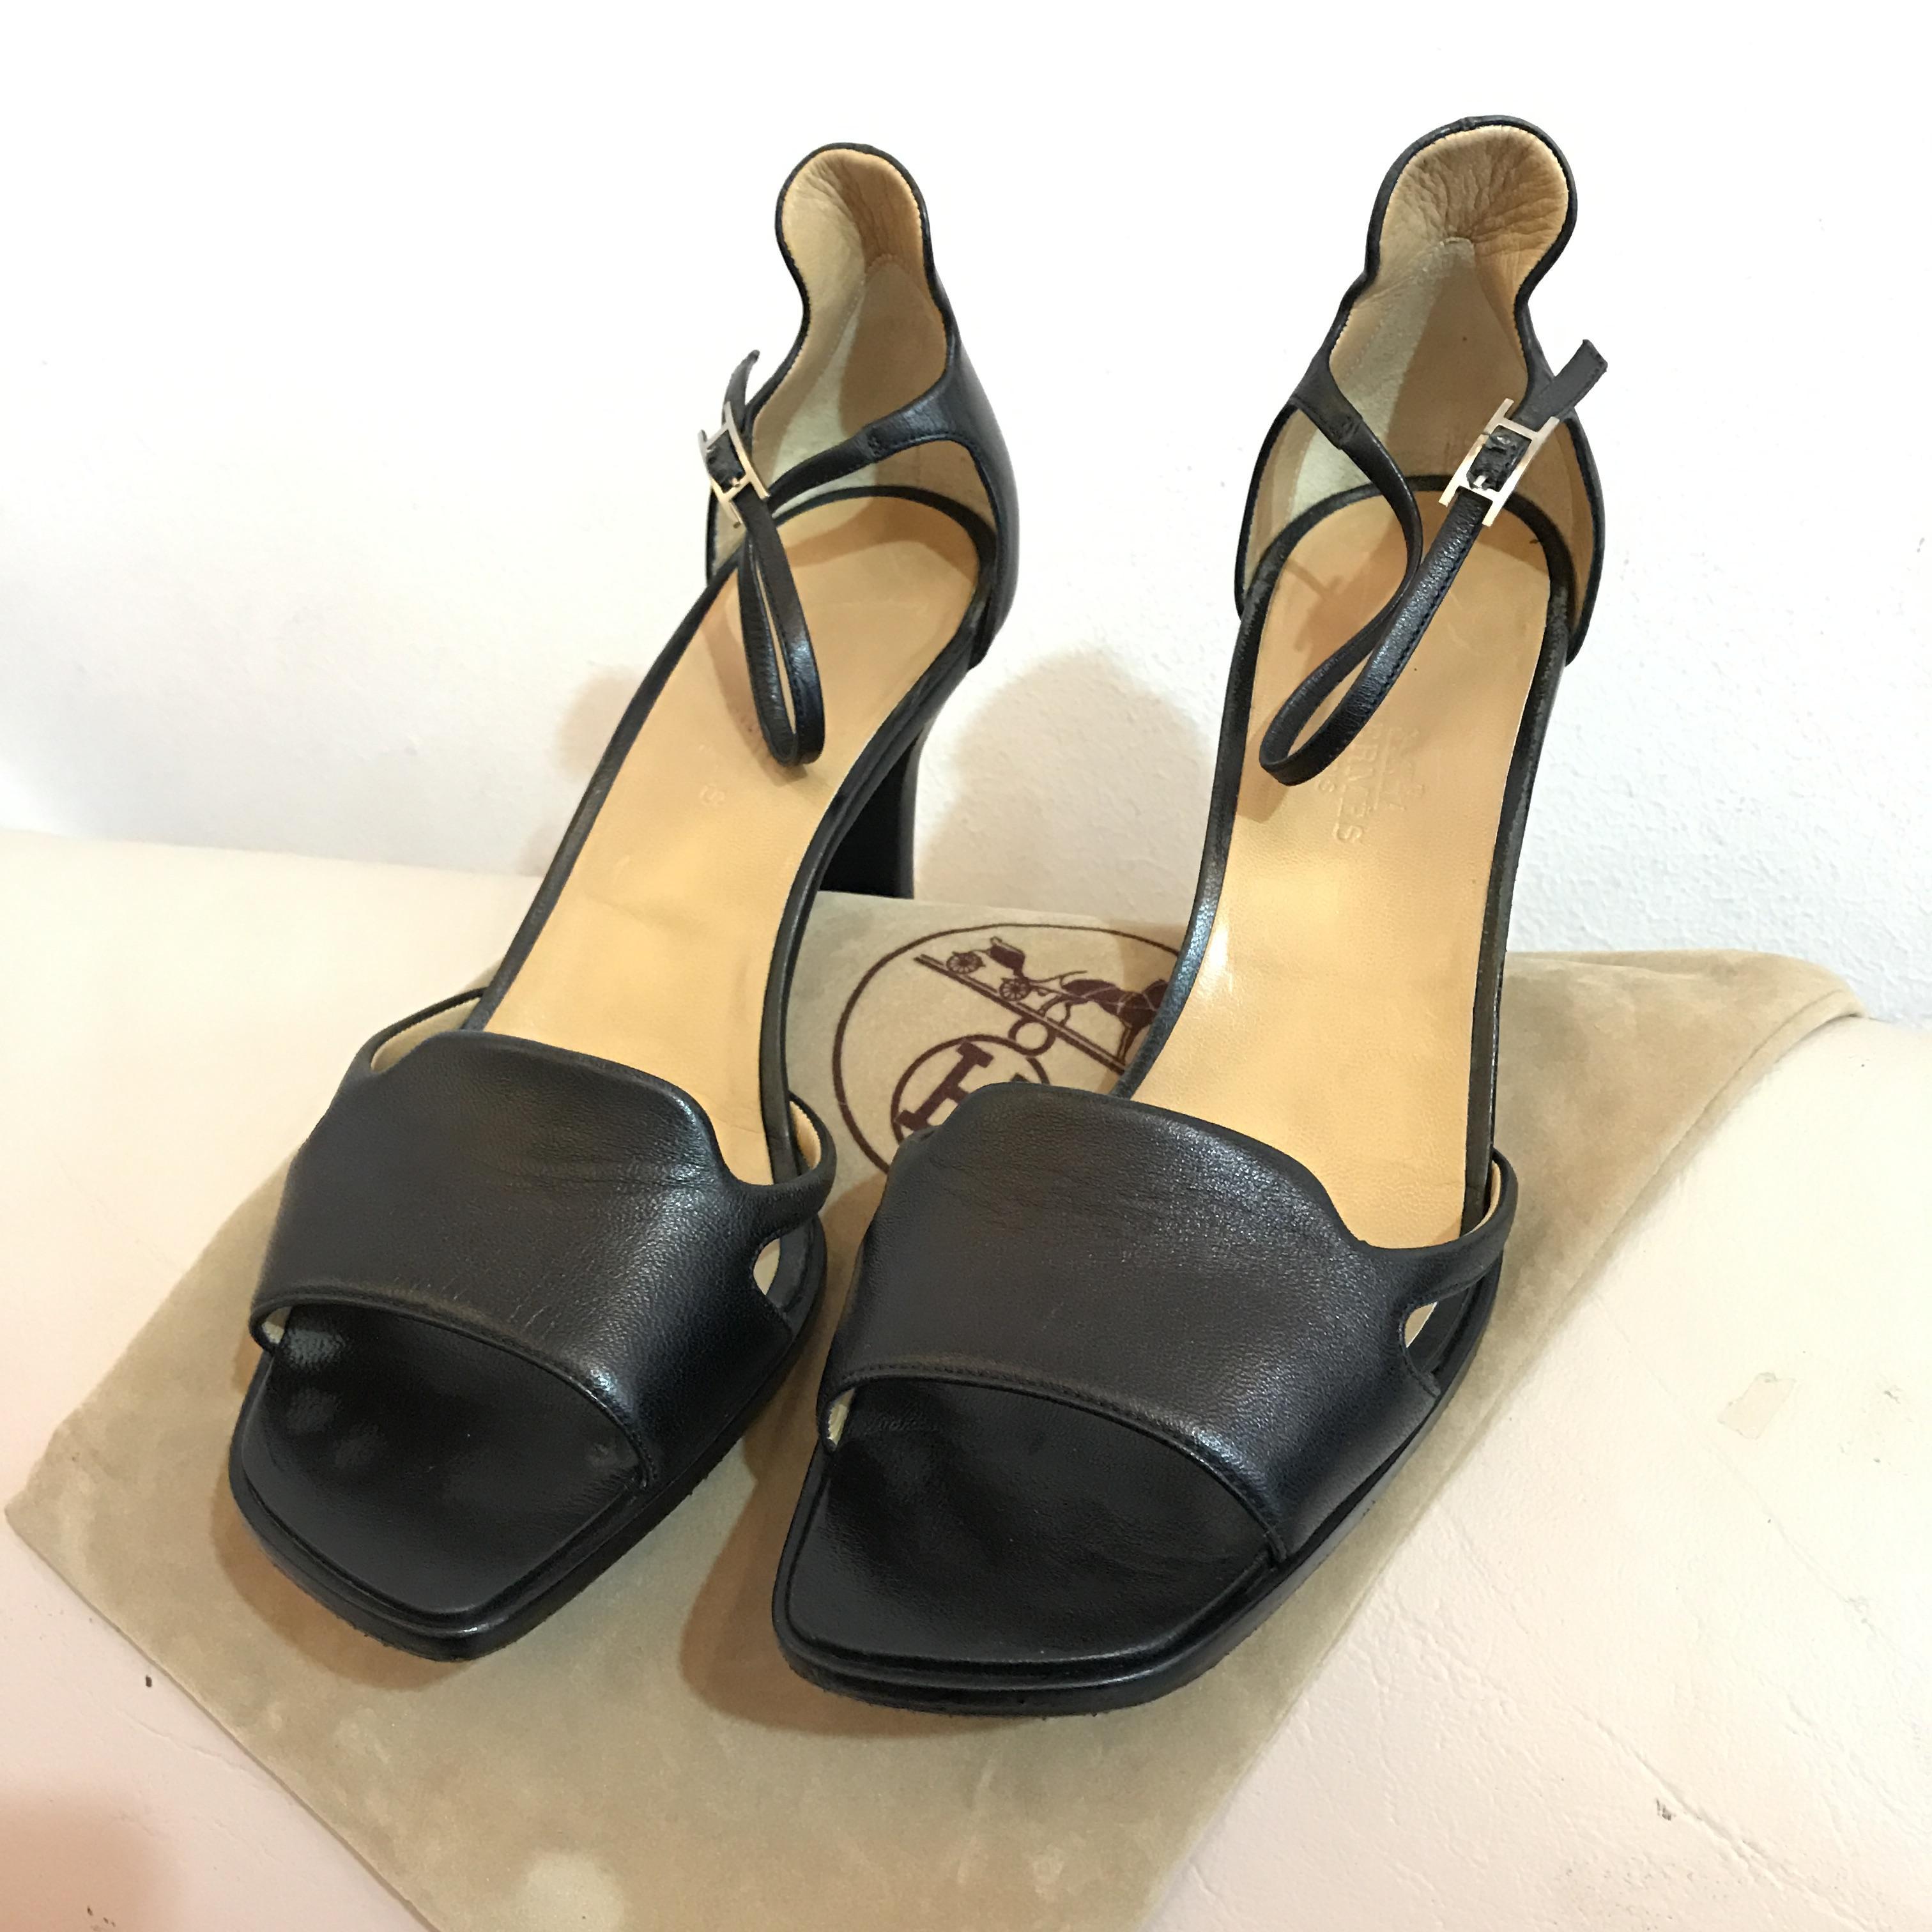 HERMES Black Shoes